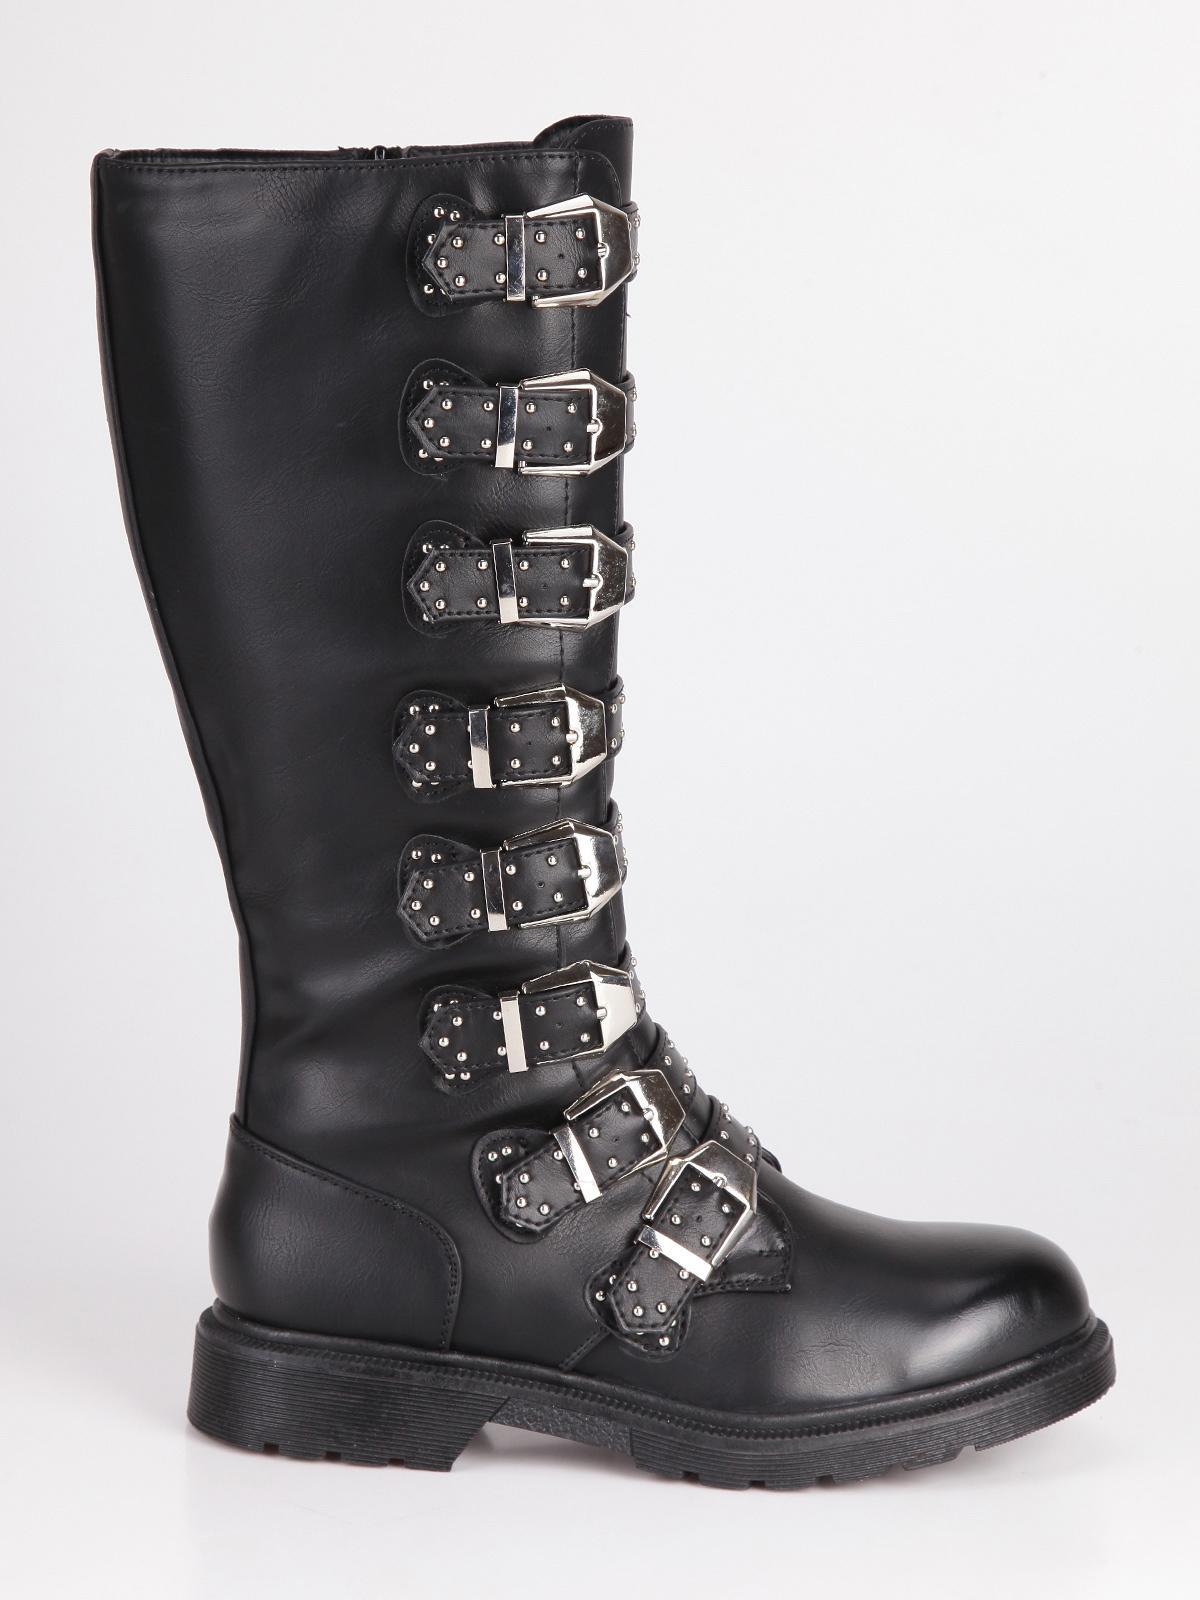 disponibilità nel Regno Unito e26ad 950b3 Stivali alti con fibbie super made | MecShopping